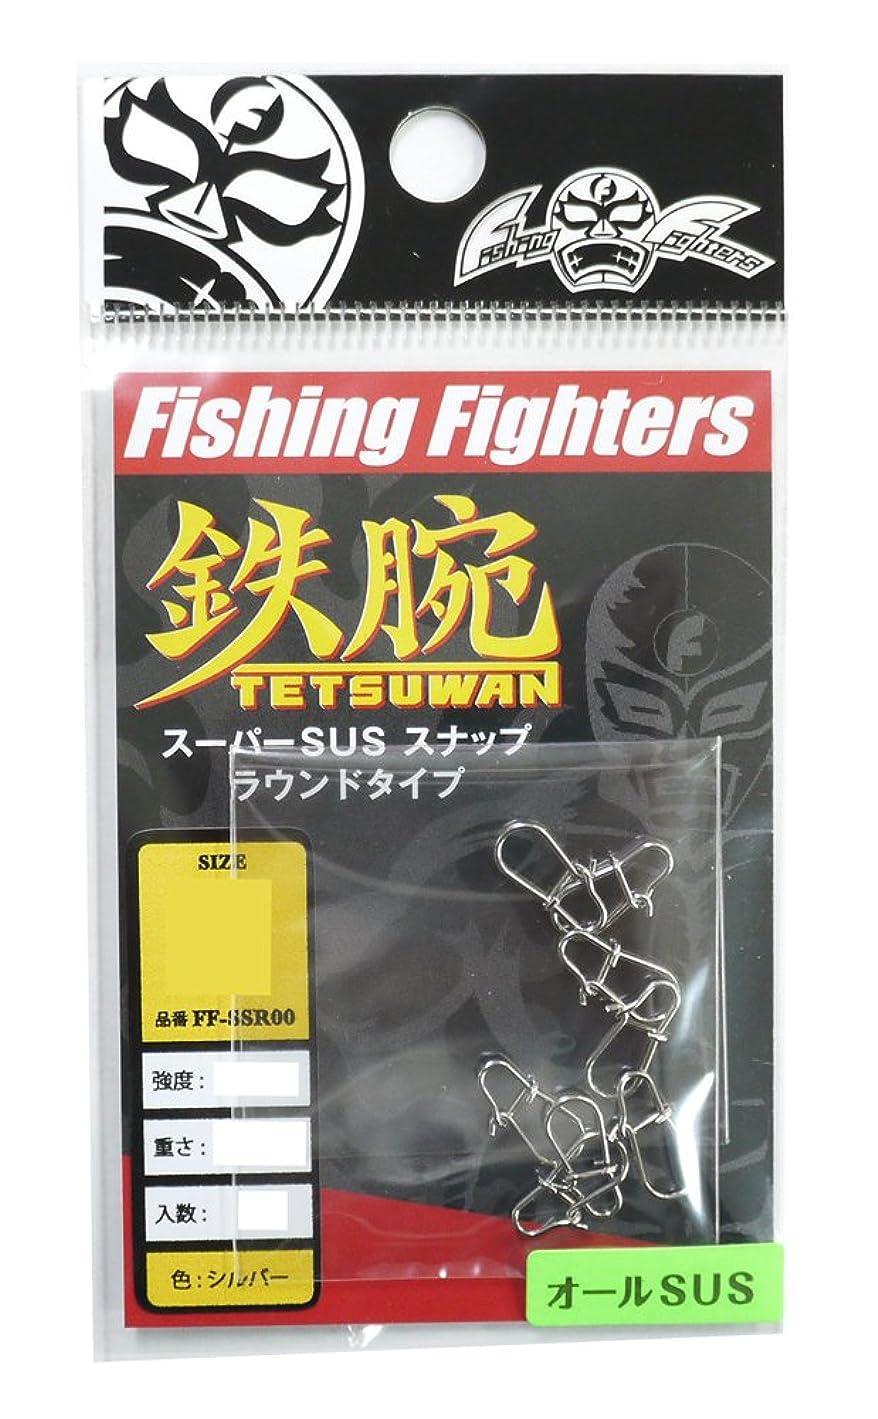 考慮行き当たりばったり戦術Fishing Fighters(フィッシングファイターズ) スナップ 鉄腕スーパーSUSスナップラウンドタイプ   #00